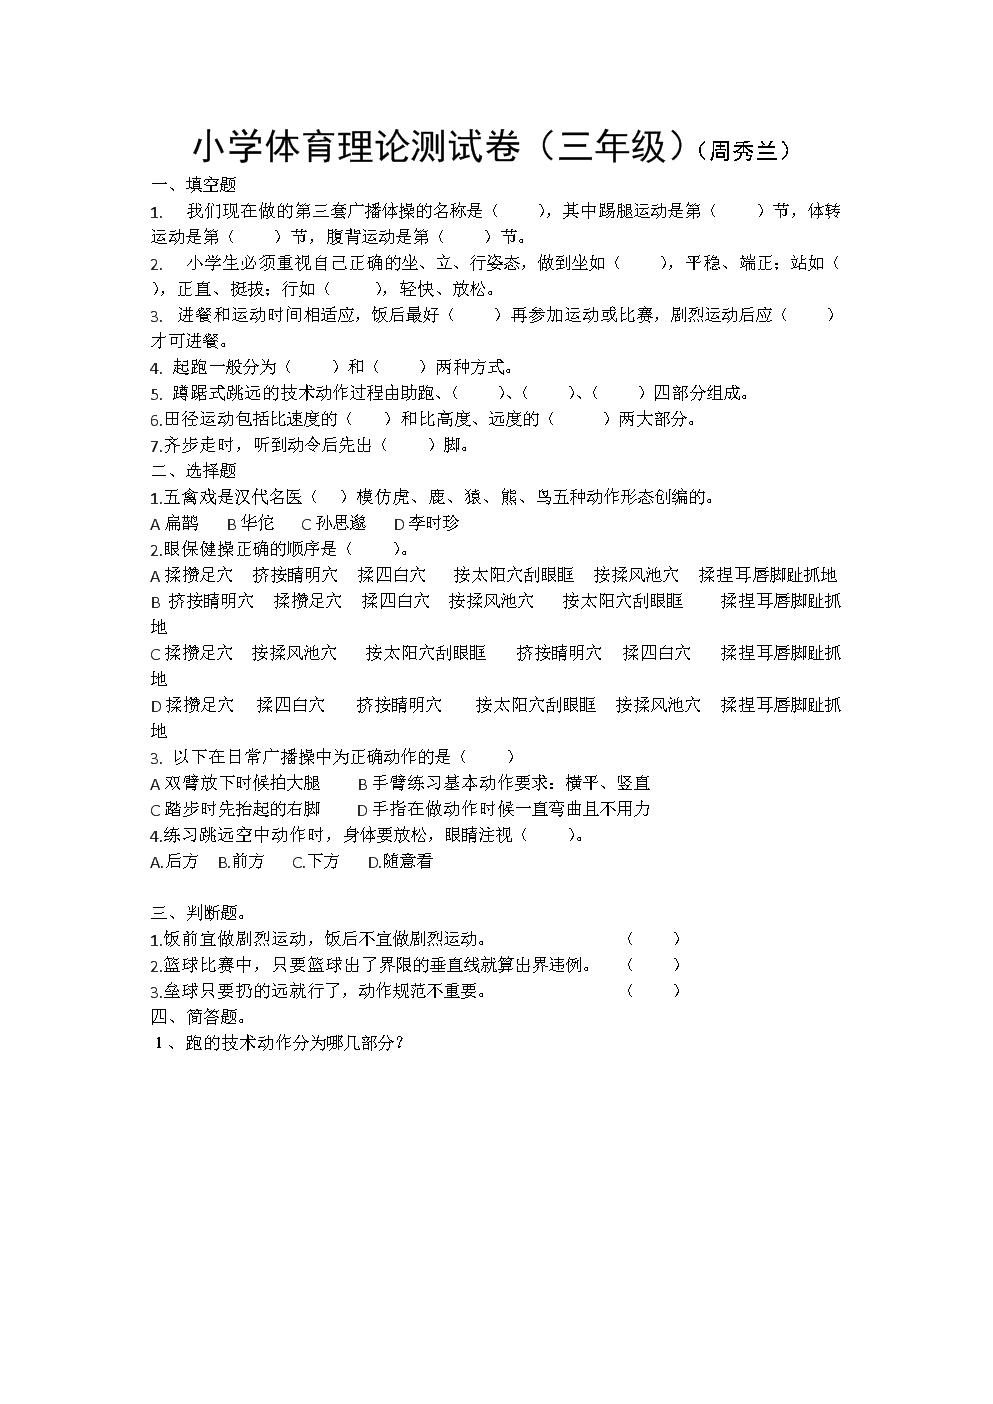 小学体育理论测试卷(三年级)(周秀兰).docx